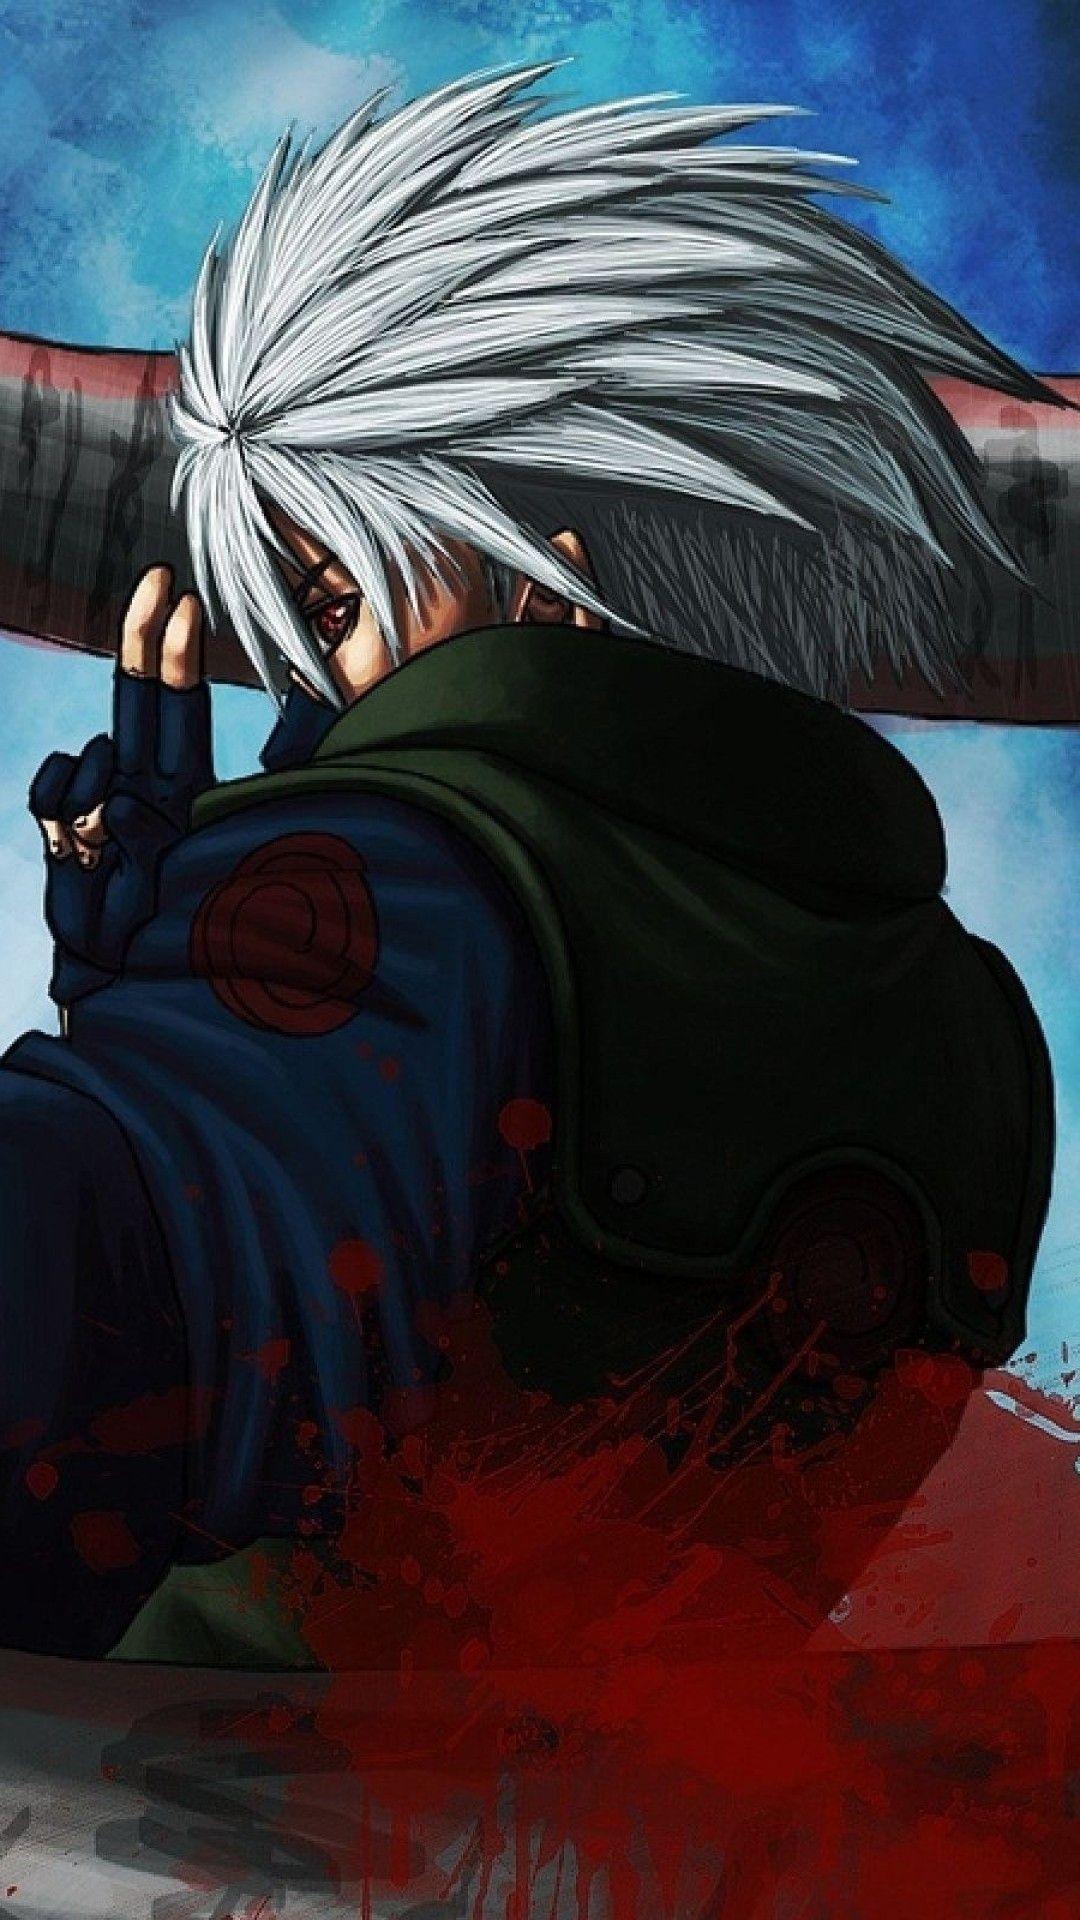 Pin Von Hafizi Ashaari Auf Naruto In 2020